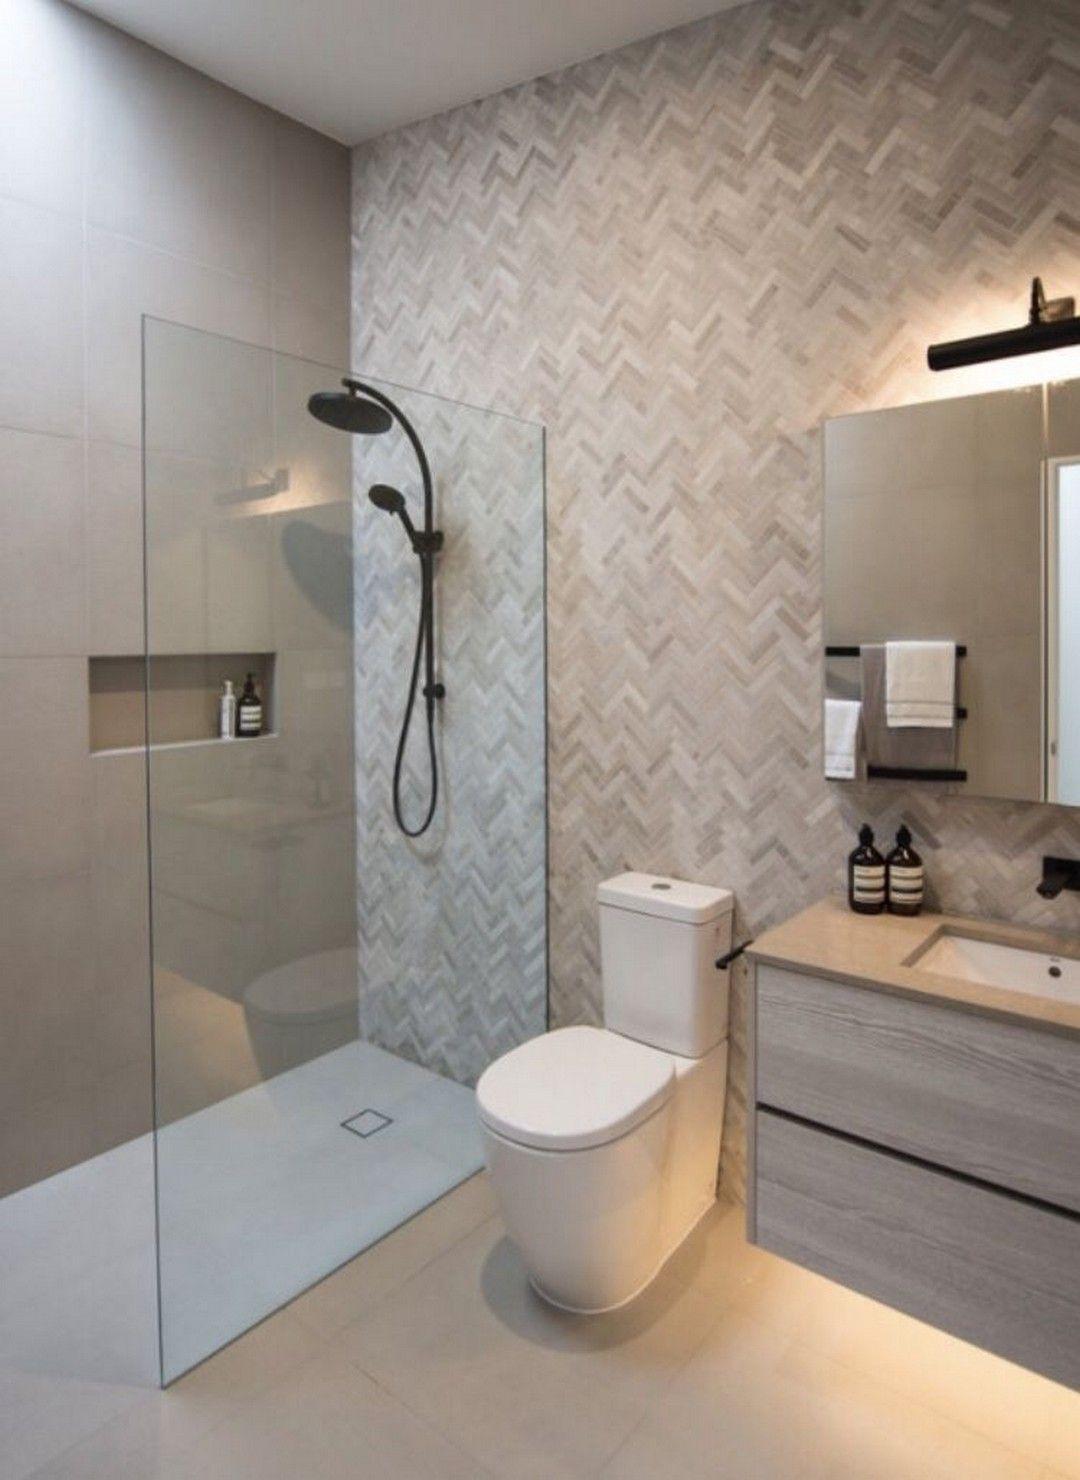 Best Wet Room Design Ideas Wetrooms In 2020 Wet Room Bathroom